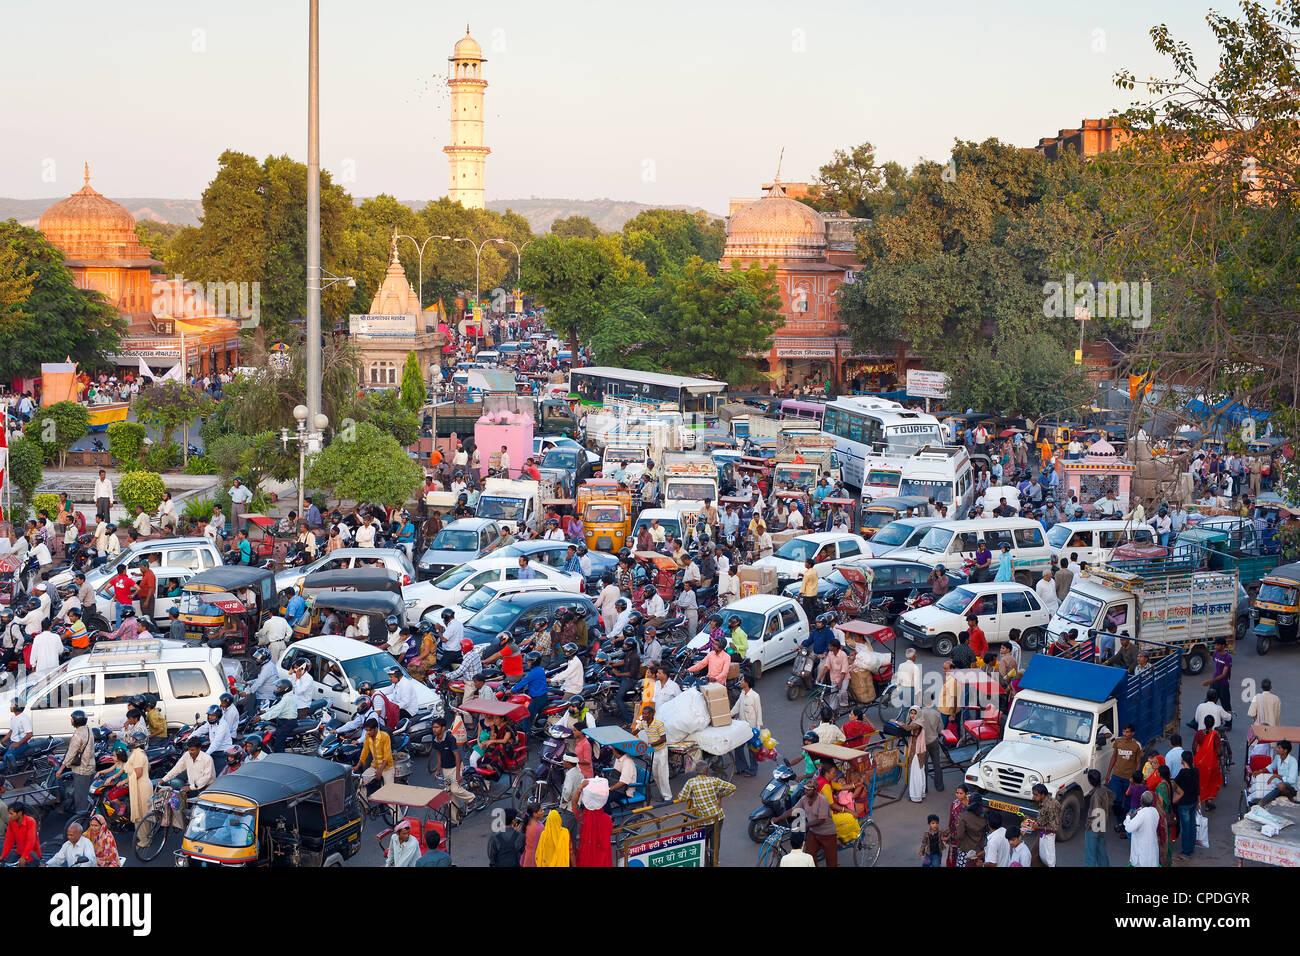 La congestión del tráfico y la vida en la calle, en la ciudad de Jaipur, en Rajasthan, India, Asia Imagen De Stock